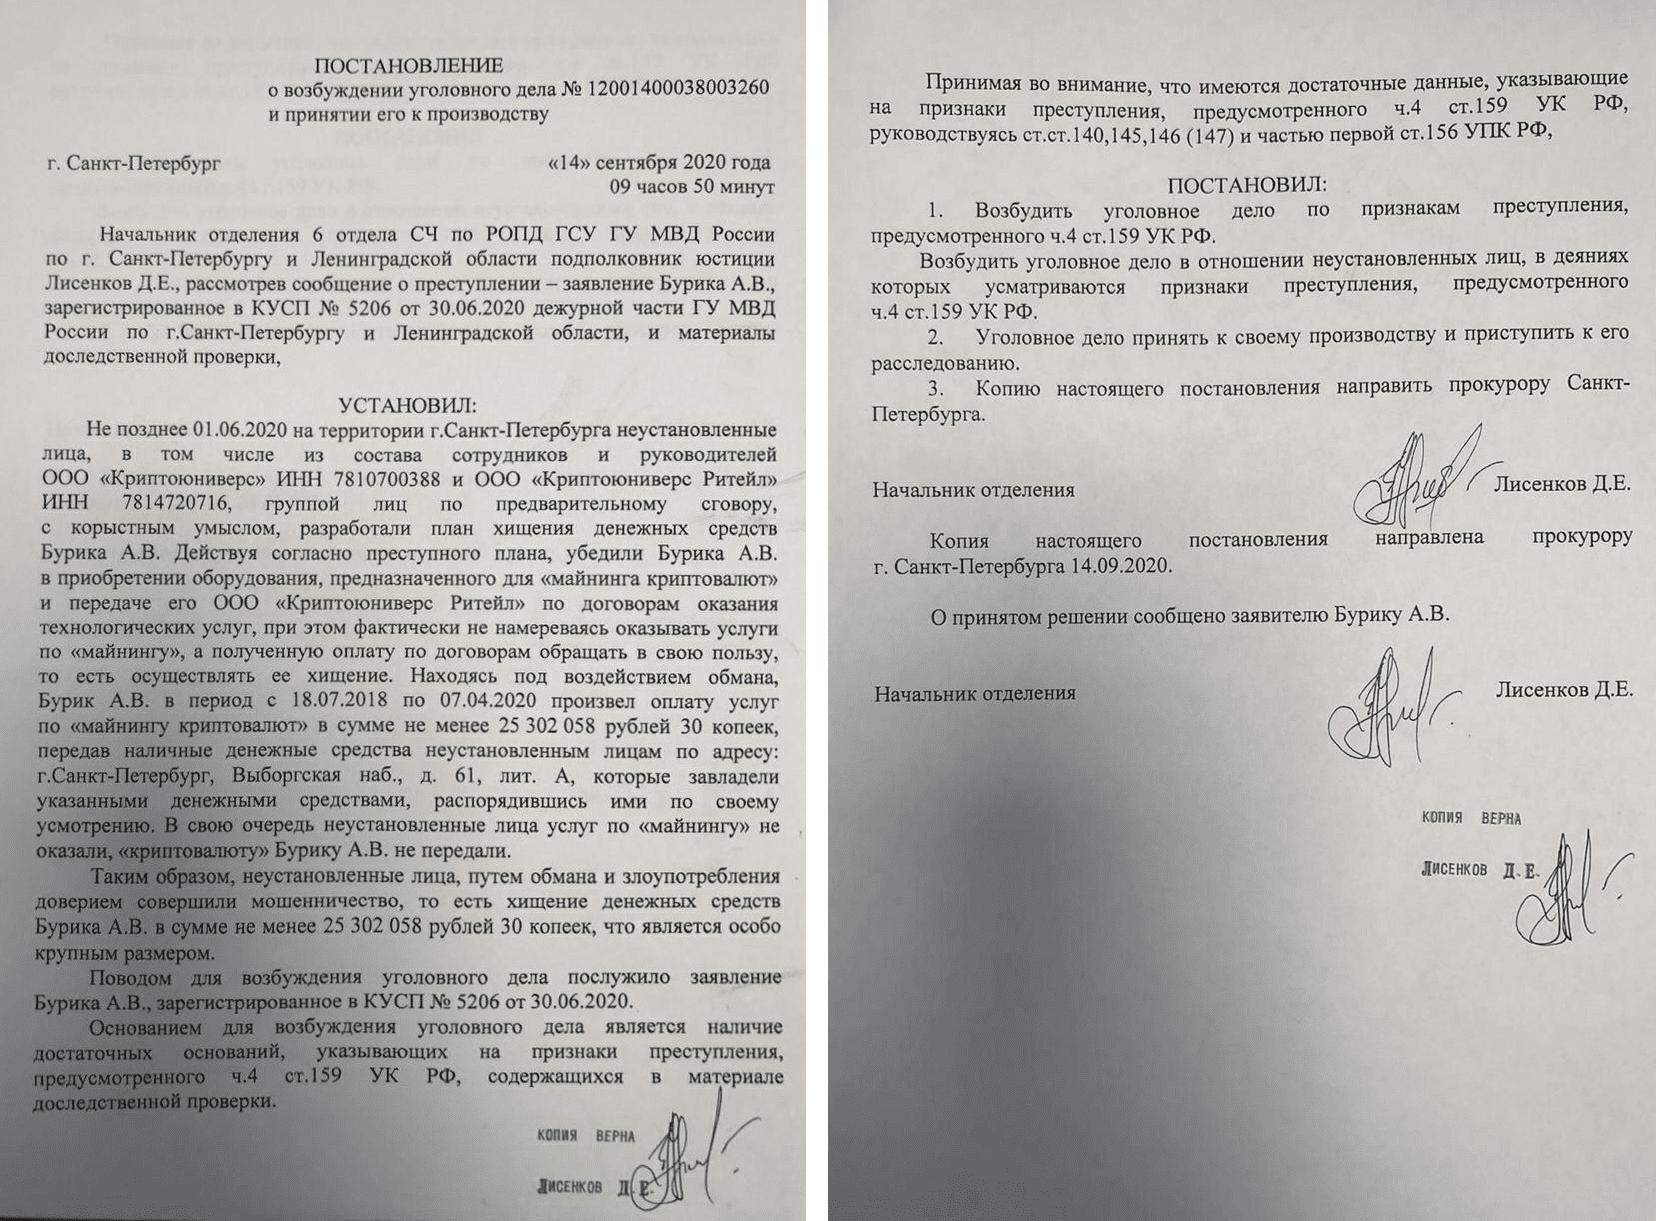 Полиция Санкт-Петербурга открыла уголовное дело в отношении компании CryptoUniverse